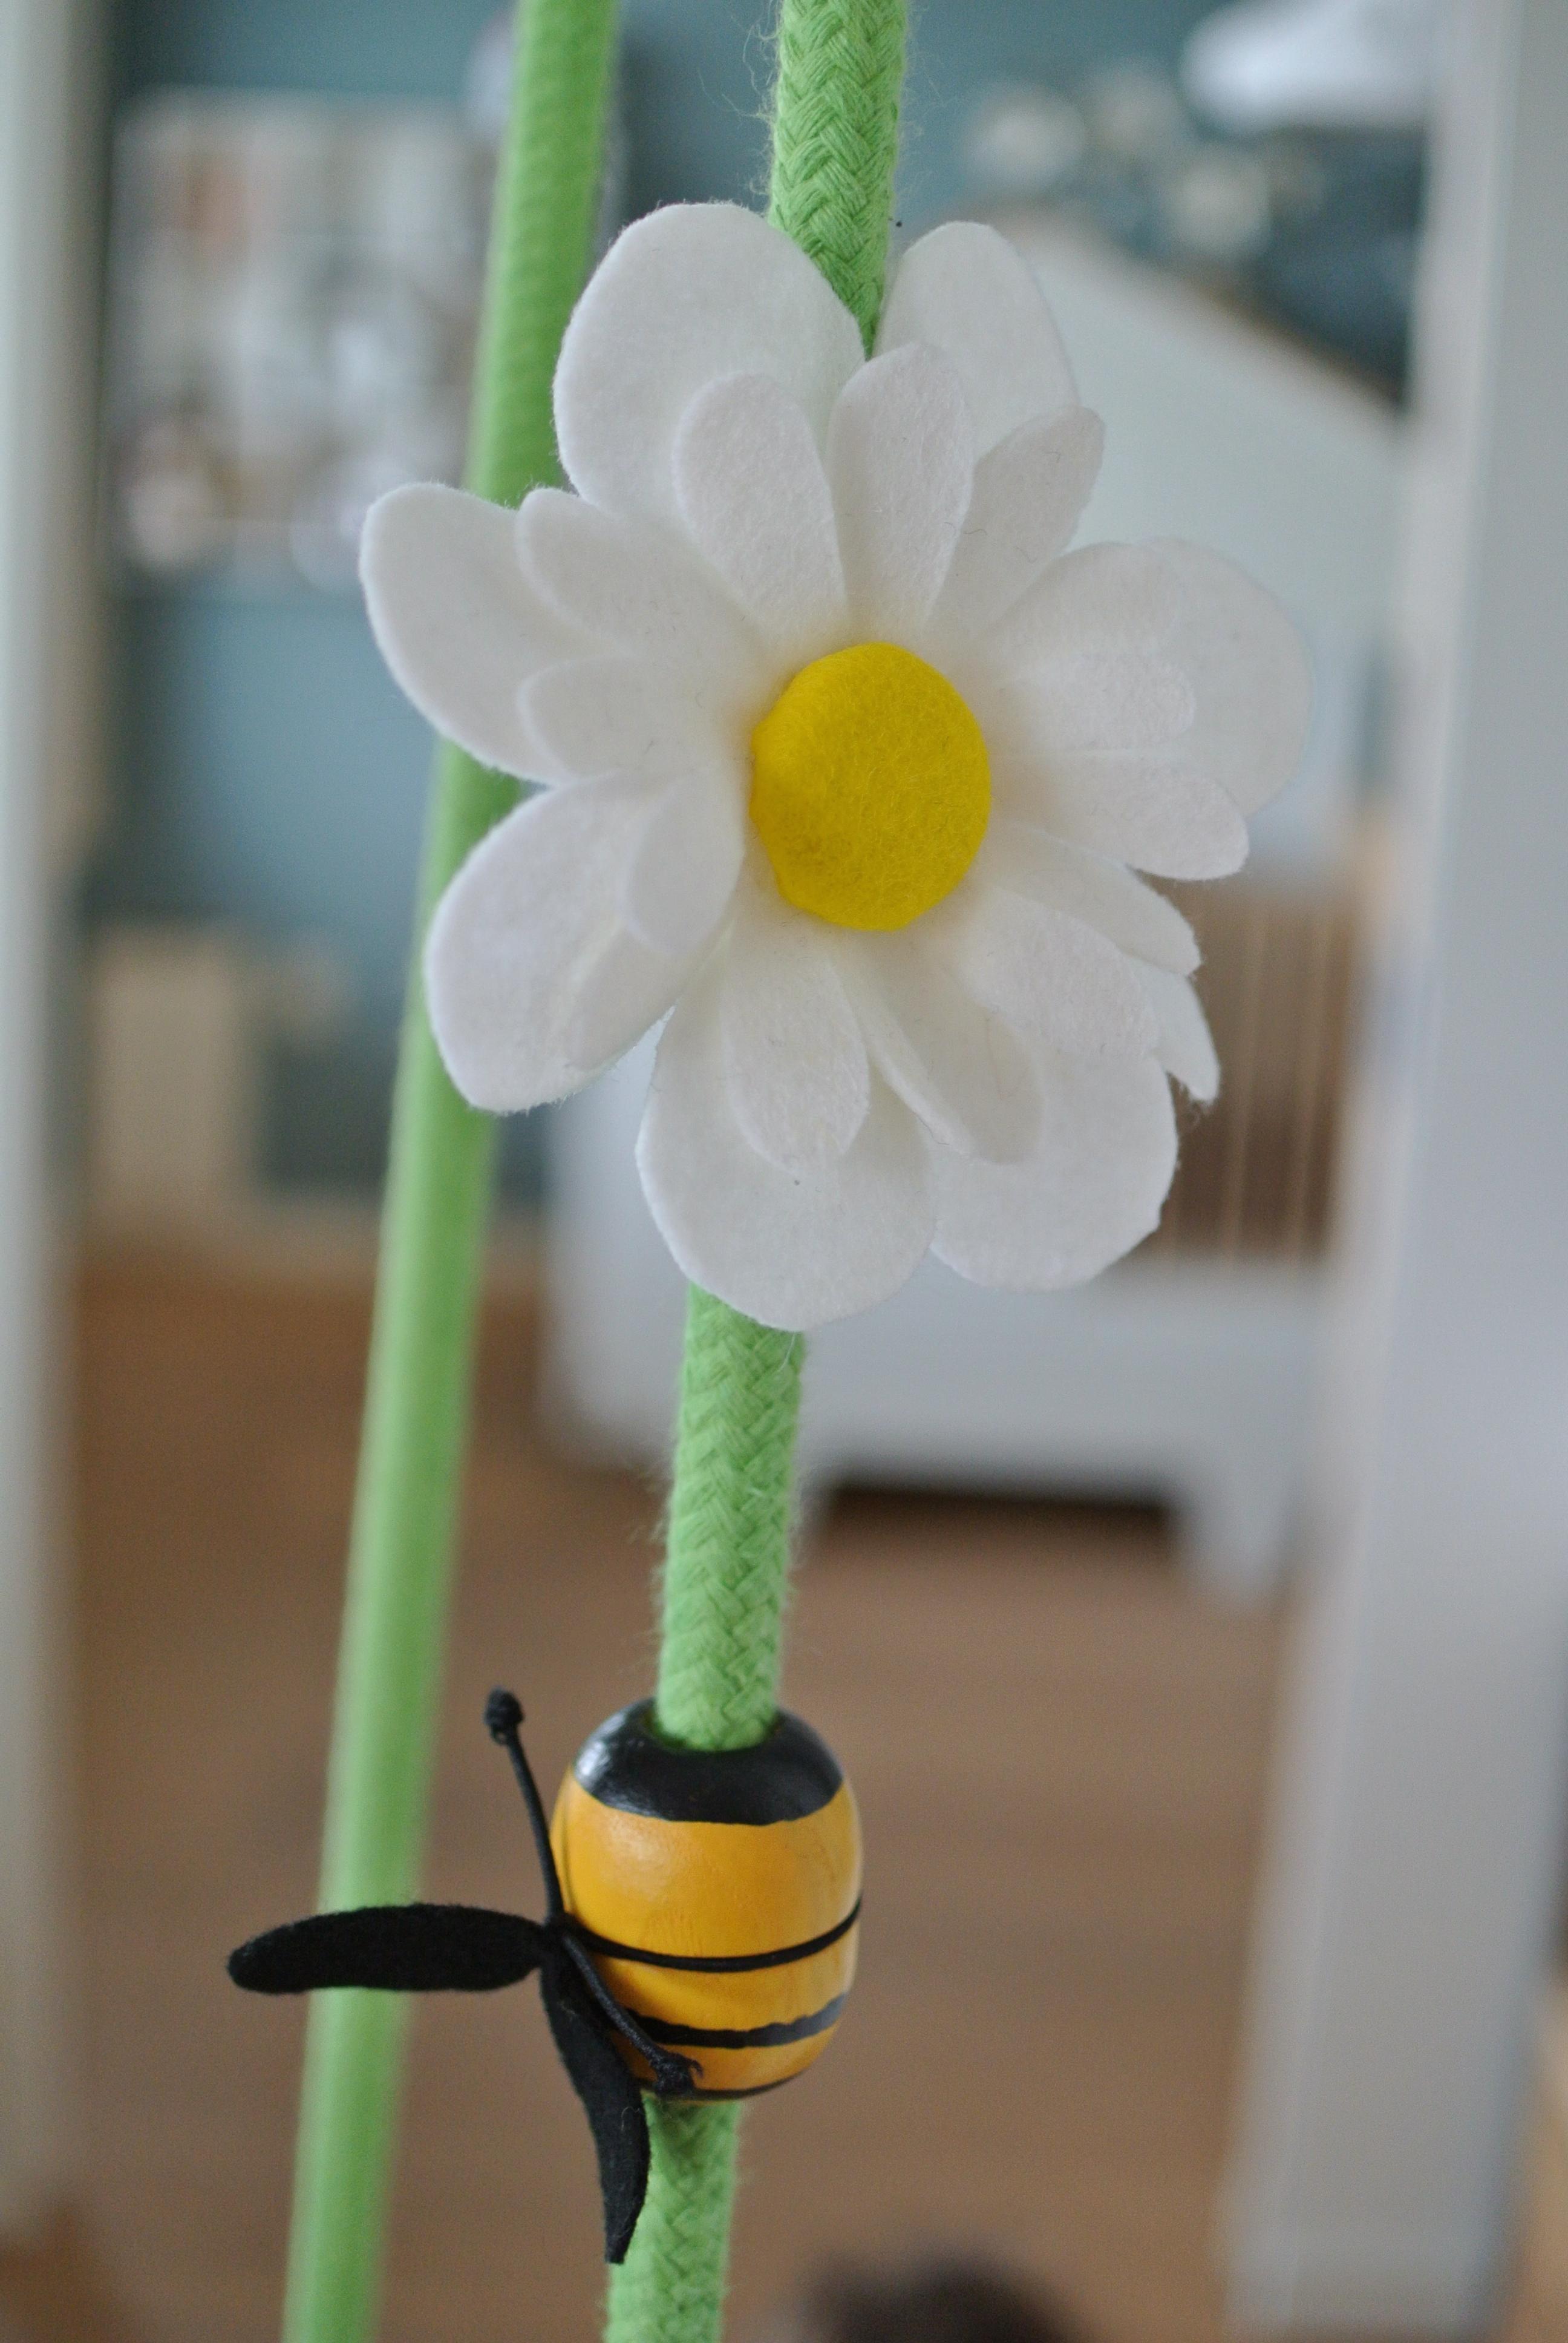 Baby Spring Schommel.Piem Wirtz